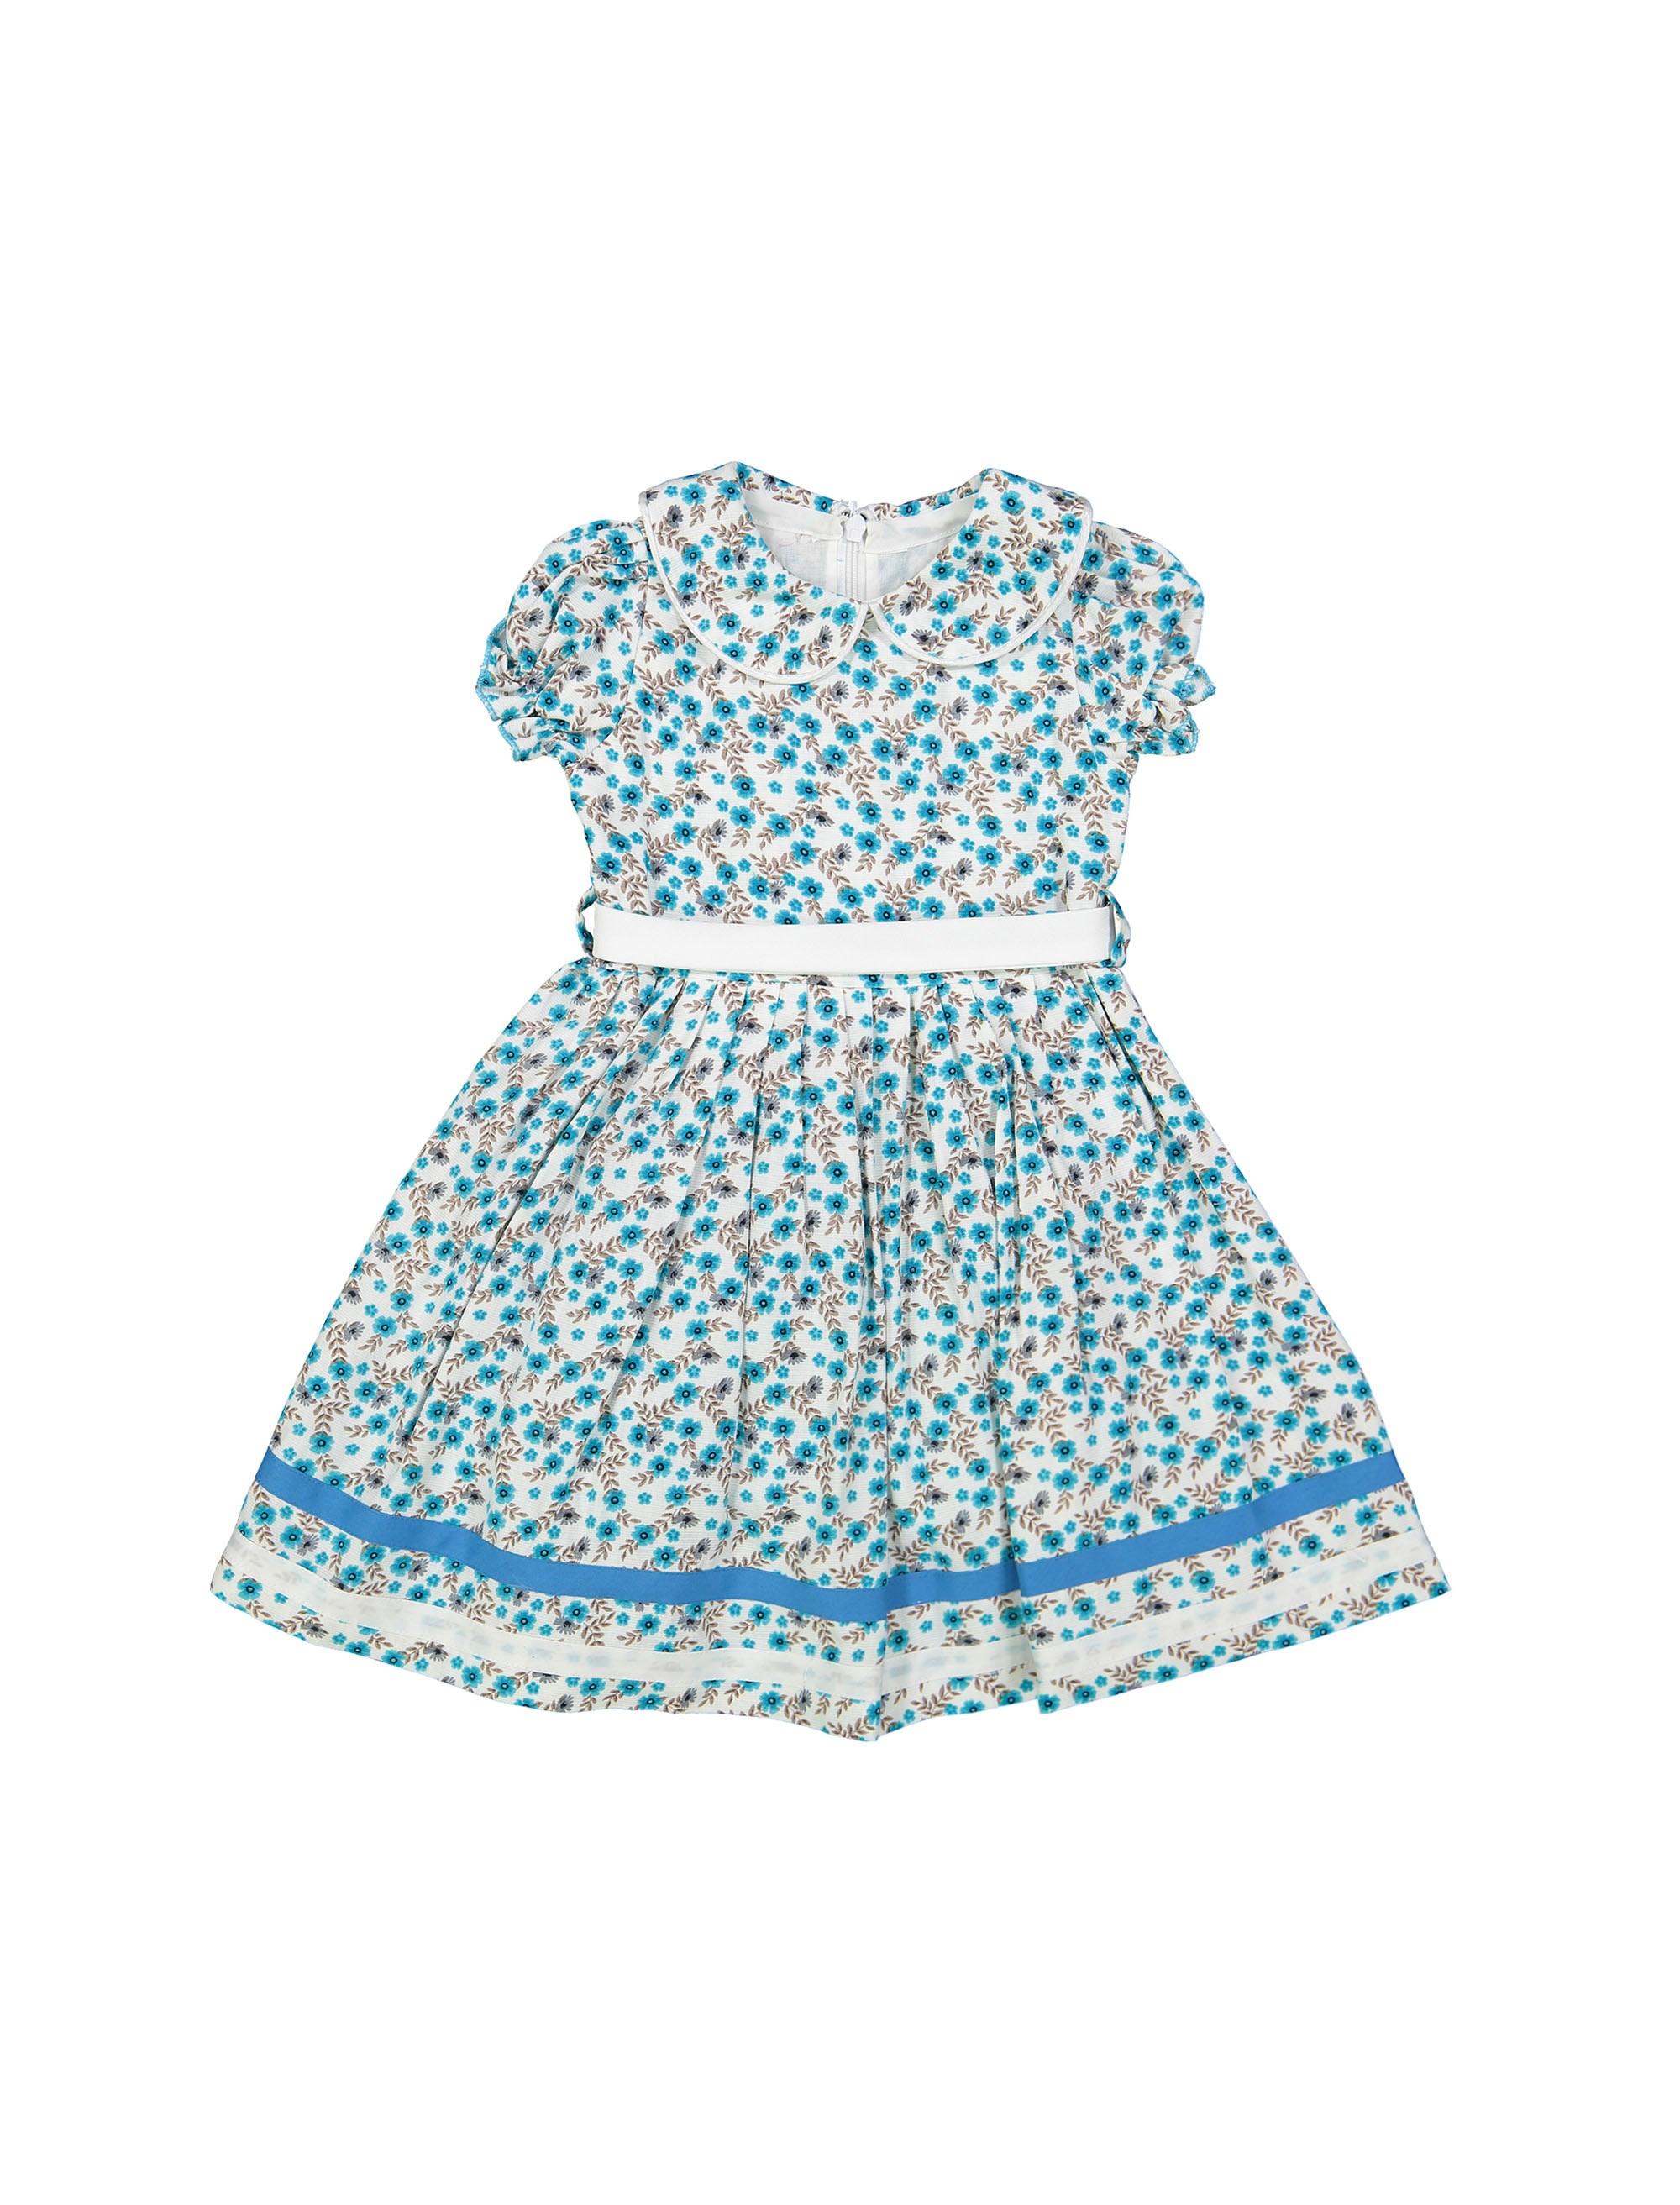 پیراهن مهمانی دخترانه - آبي  - 1